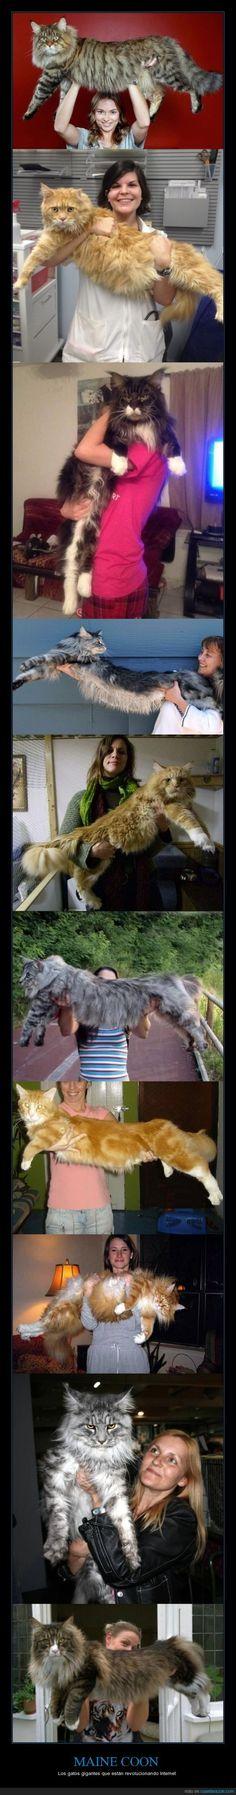 Vaya pedazo de GATAZOS D: - Los gatos gigantes que están revolucionando Internet   Gracias a http://www.cuantarazon.com/   Si quieres leer la noticia completa visita: http://www.estoy-aburrido.com/vaya-pedazo-de-gatazos-d-los-gatos-gigantes-que-estan-revolucionando-internet/